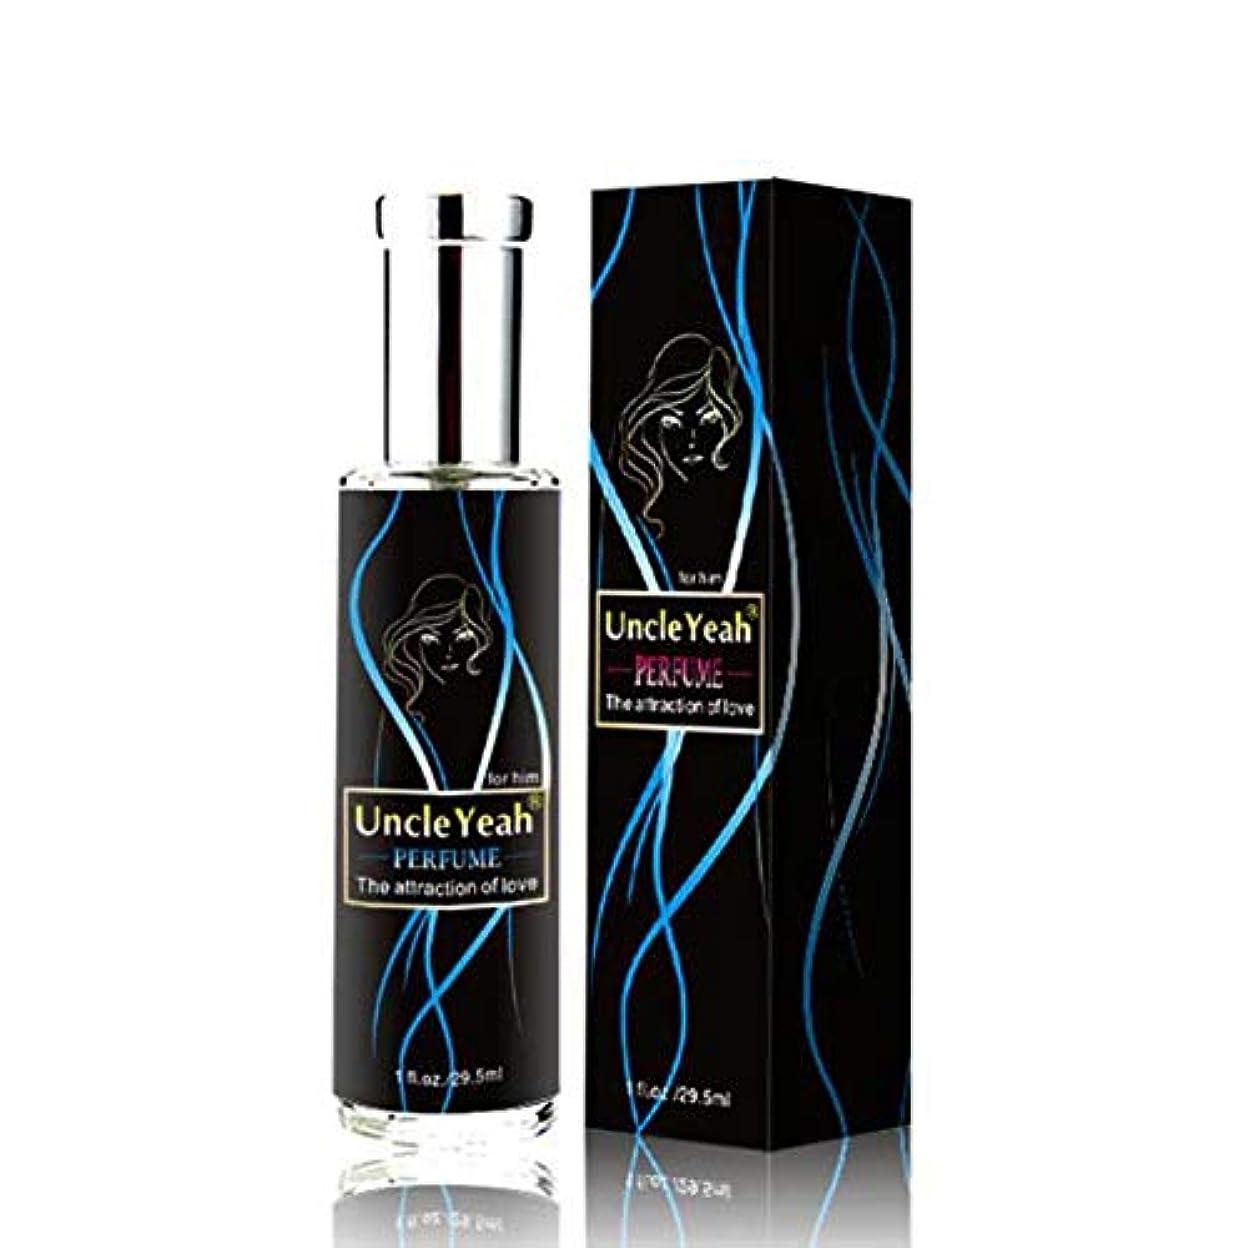 国際デザイナー揃えるMoresave 男性用フェロモン香水 魅力をアップ 女性にもてる